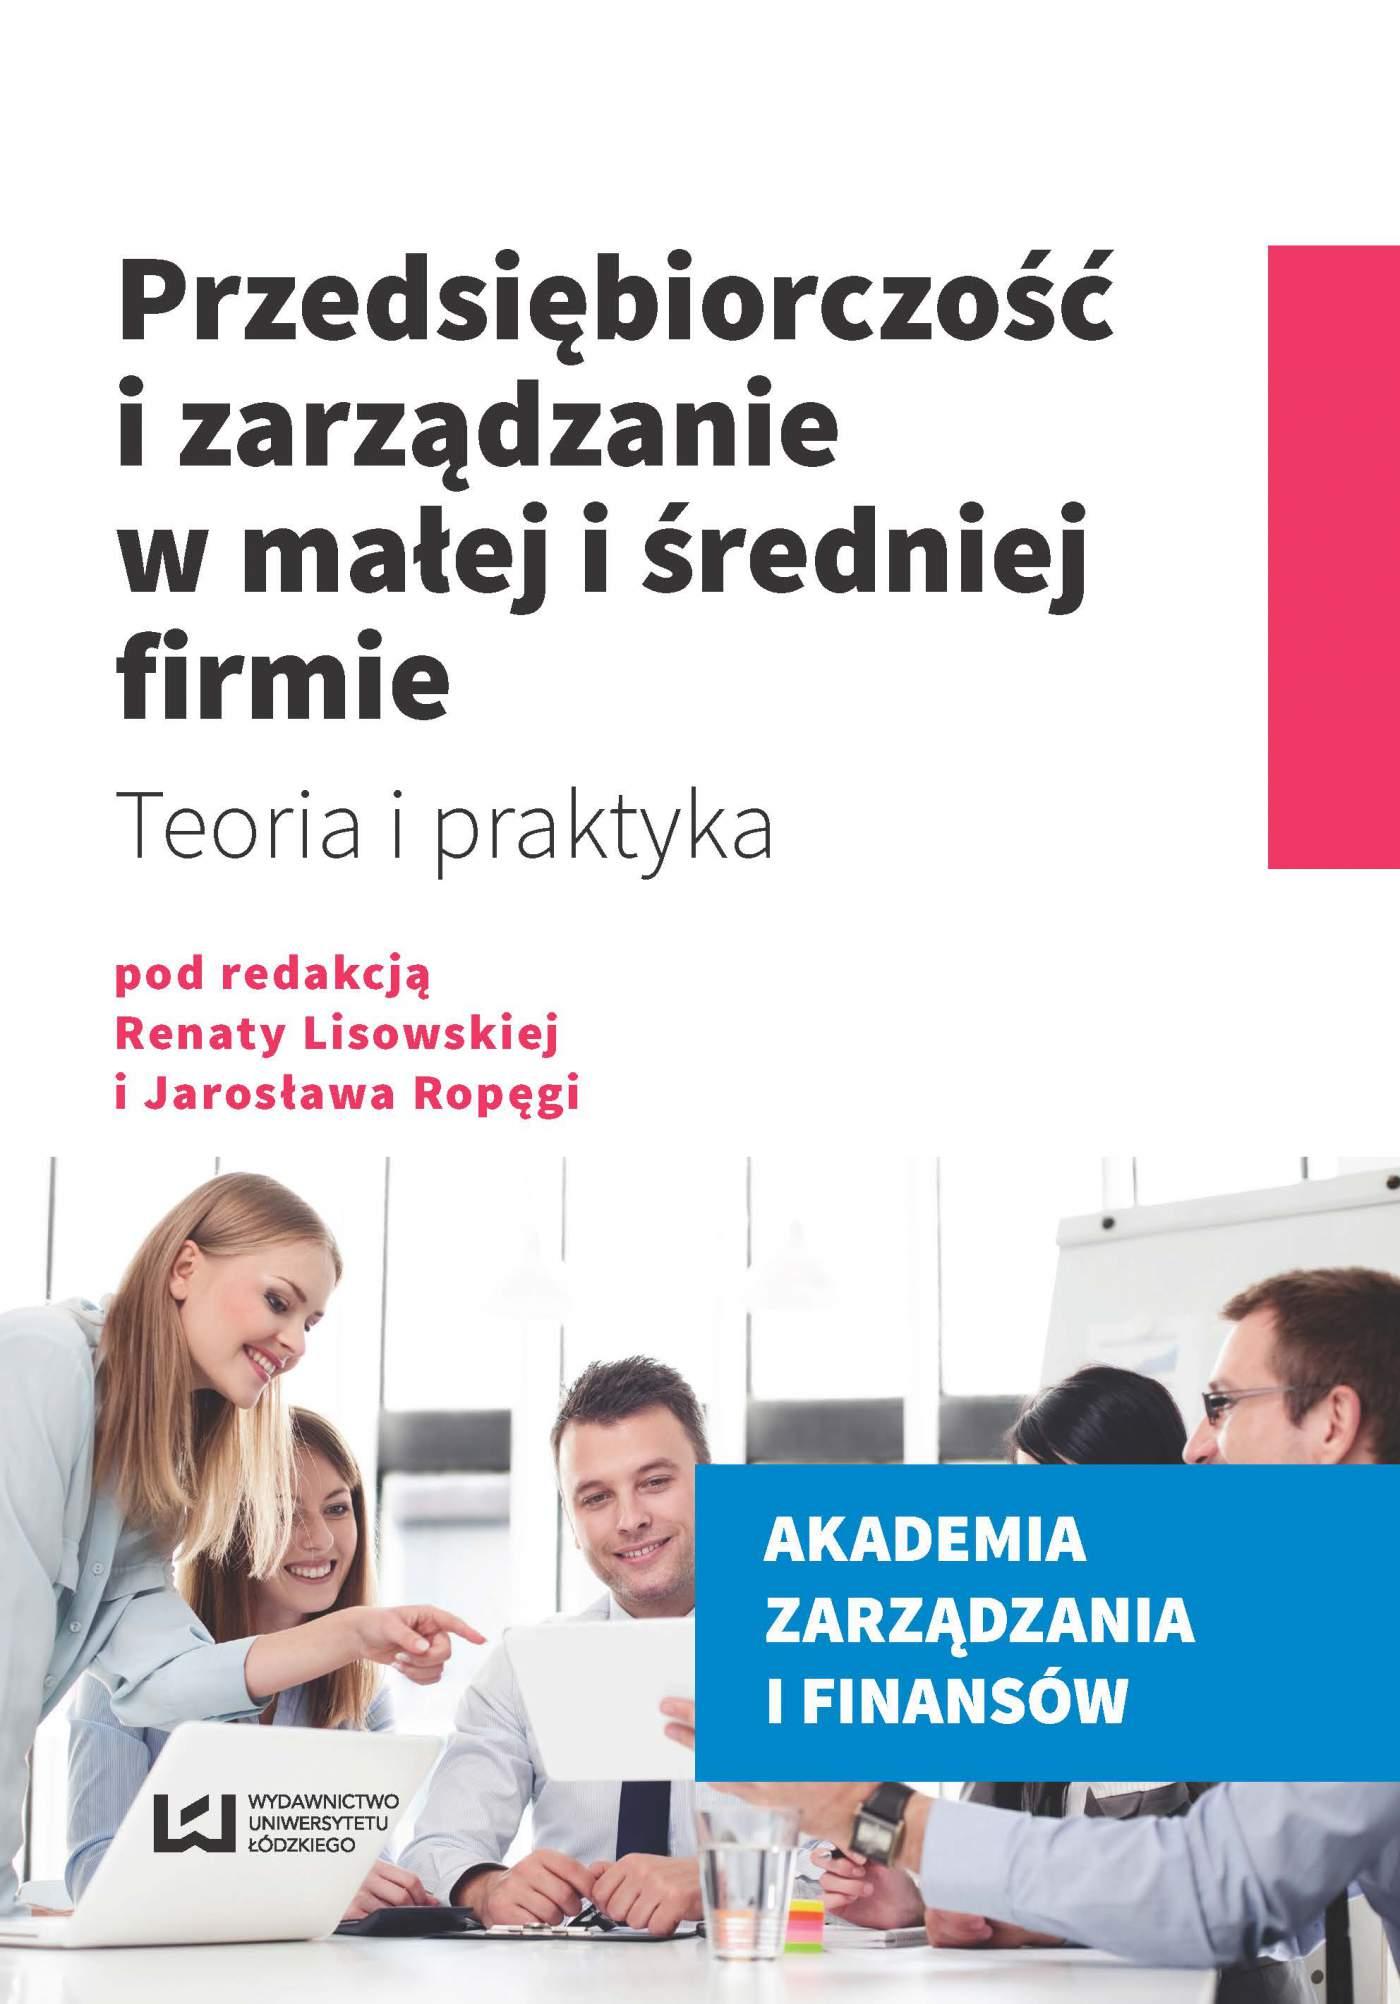 Przedsiębiorczość i zarządzanie w małej i średniej firmie. Teoria i praktyka - Ebook (Książka PDF) do pobrania w formacie PDF